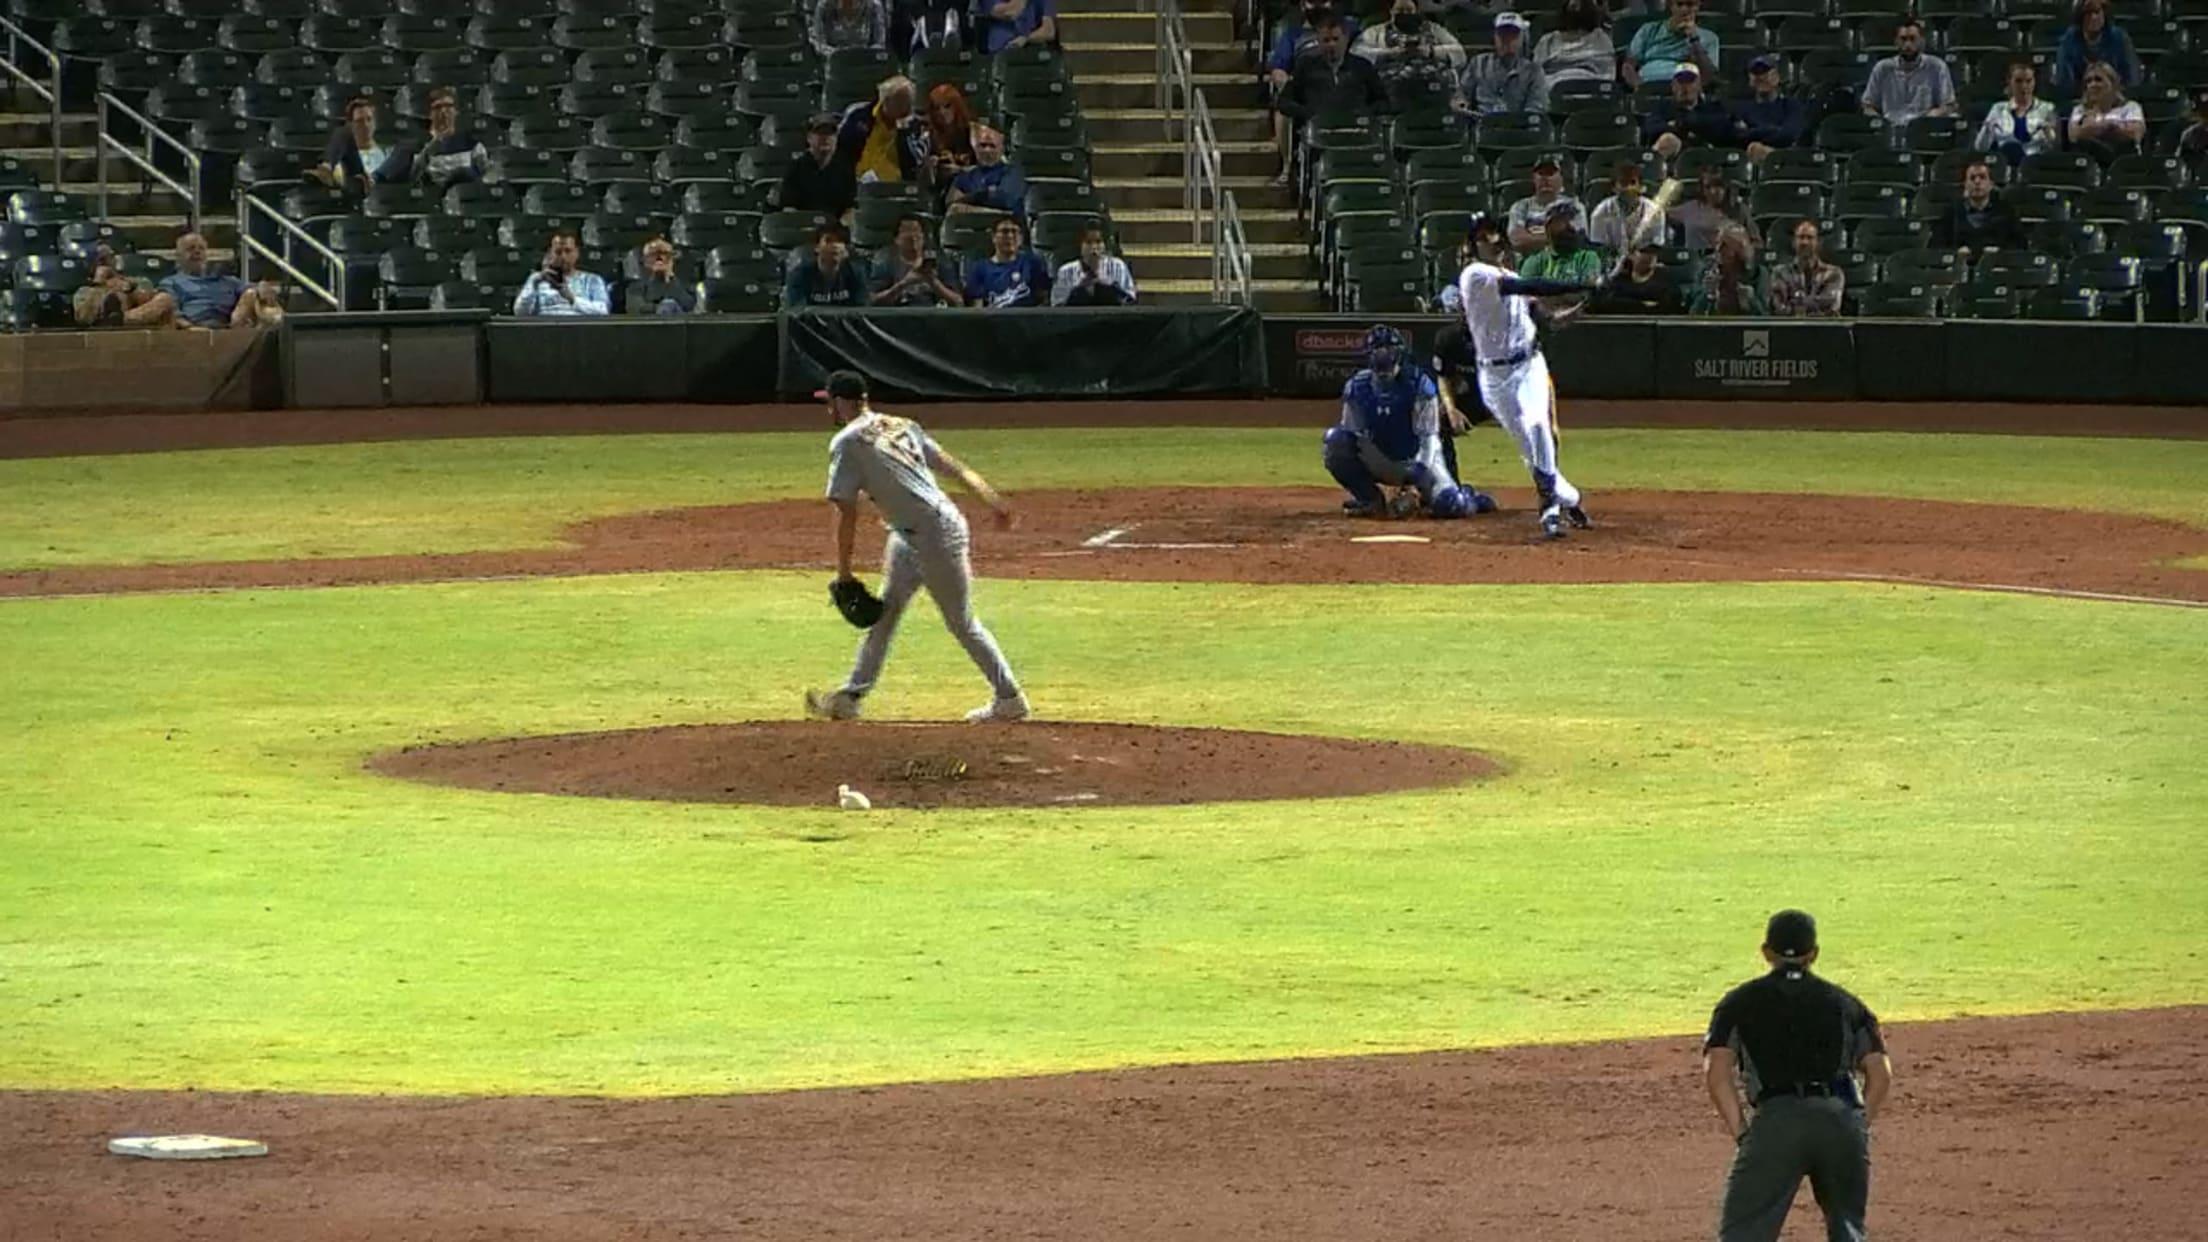 Eric De La Rosa's home run